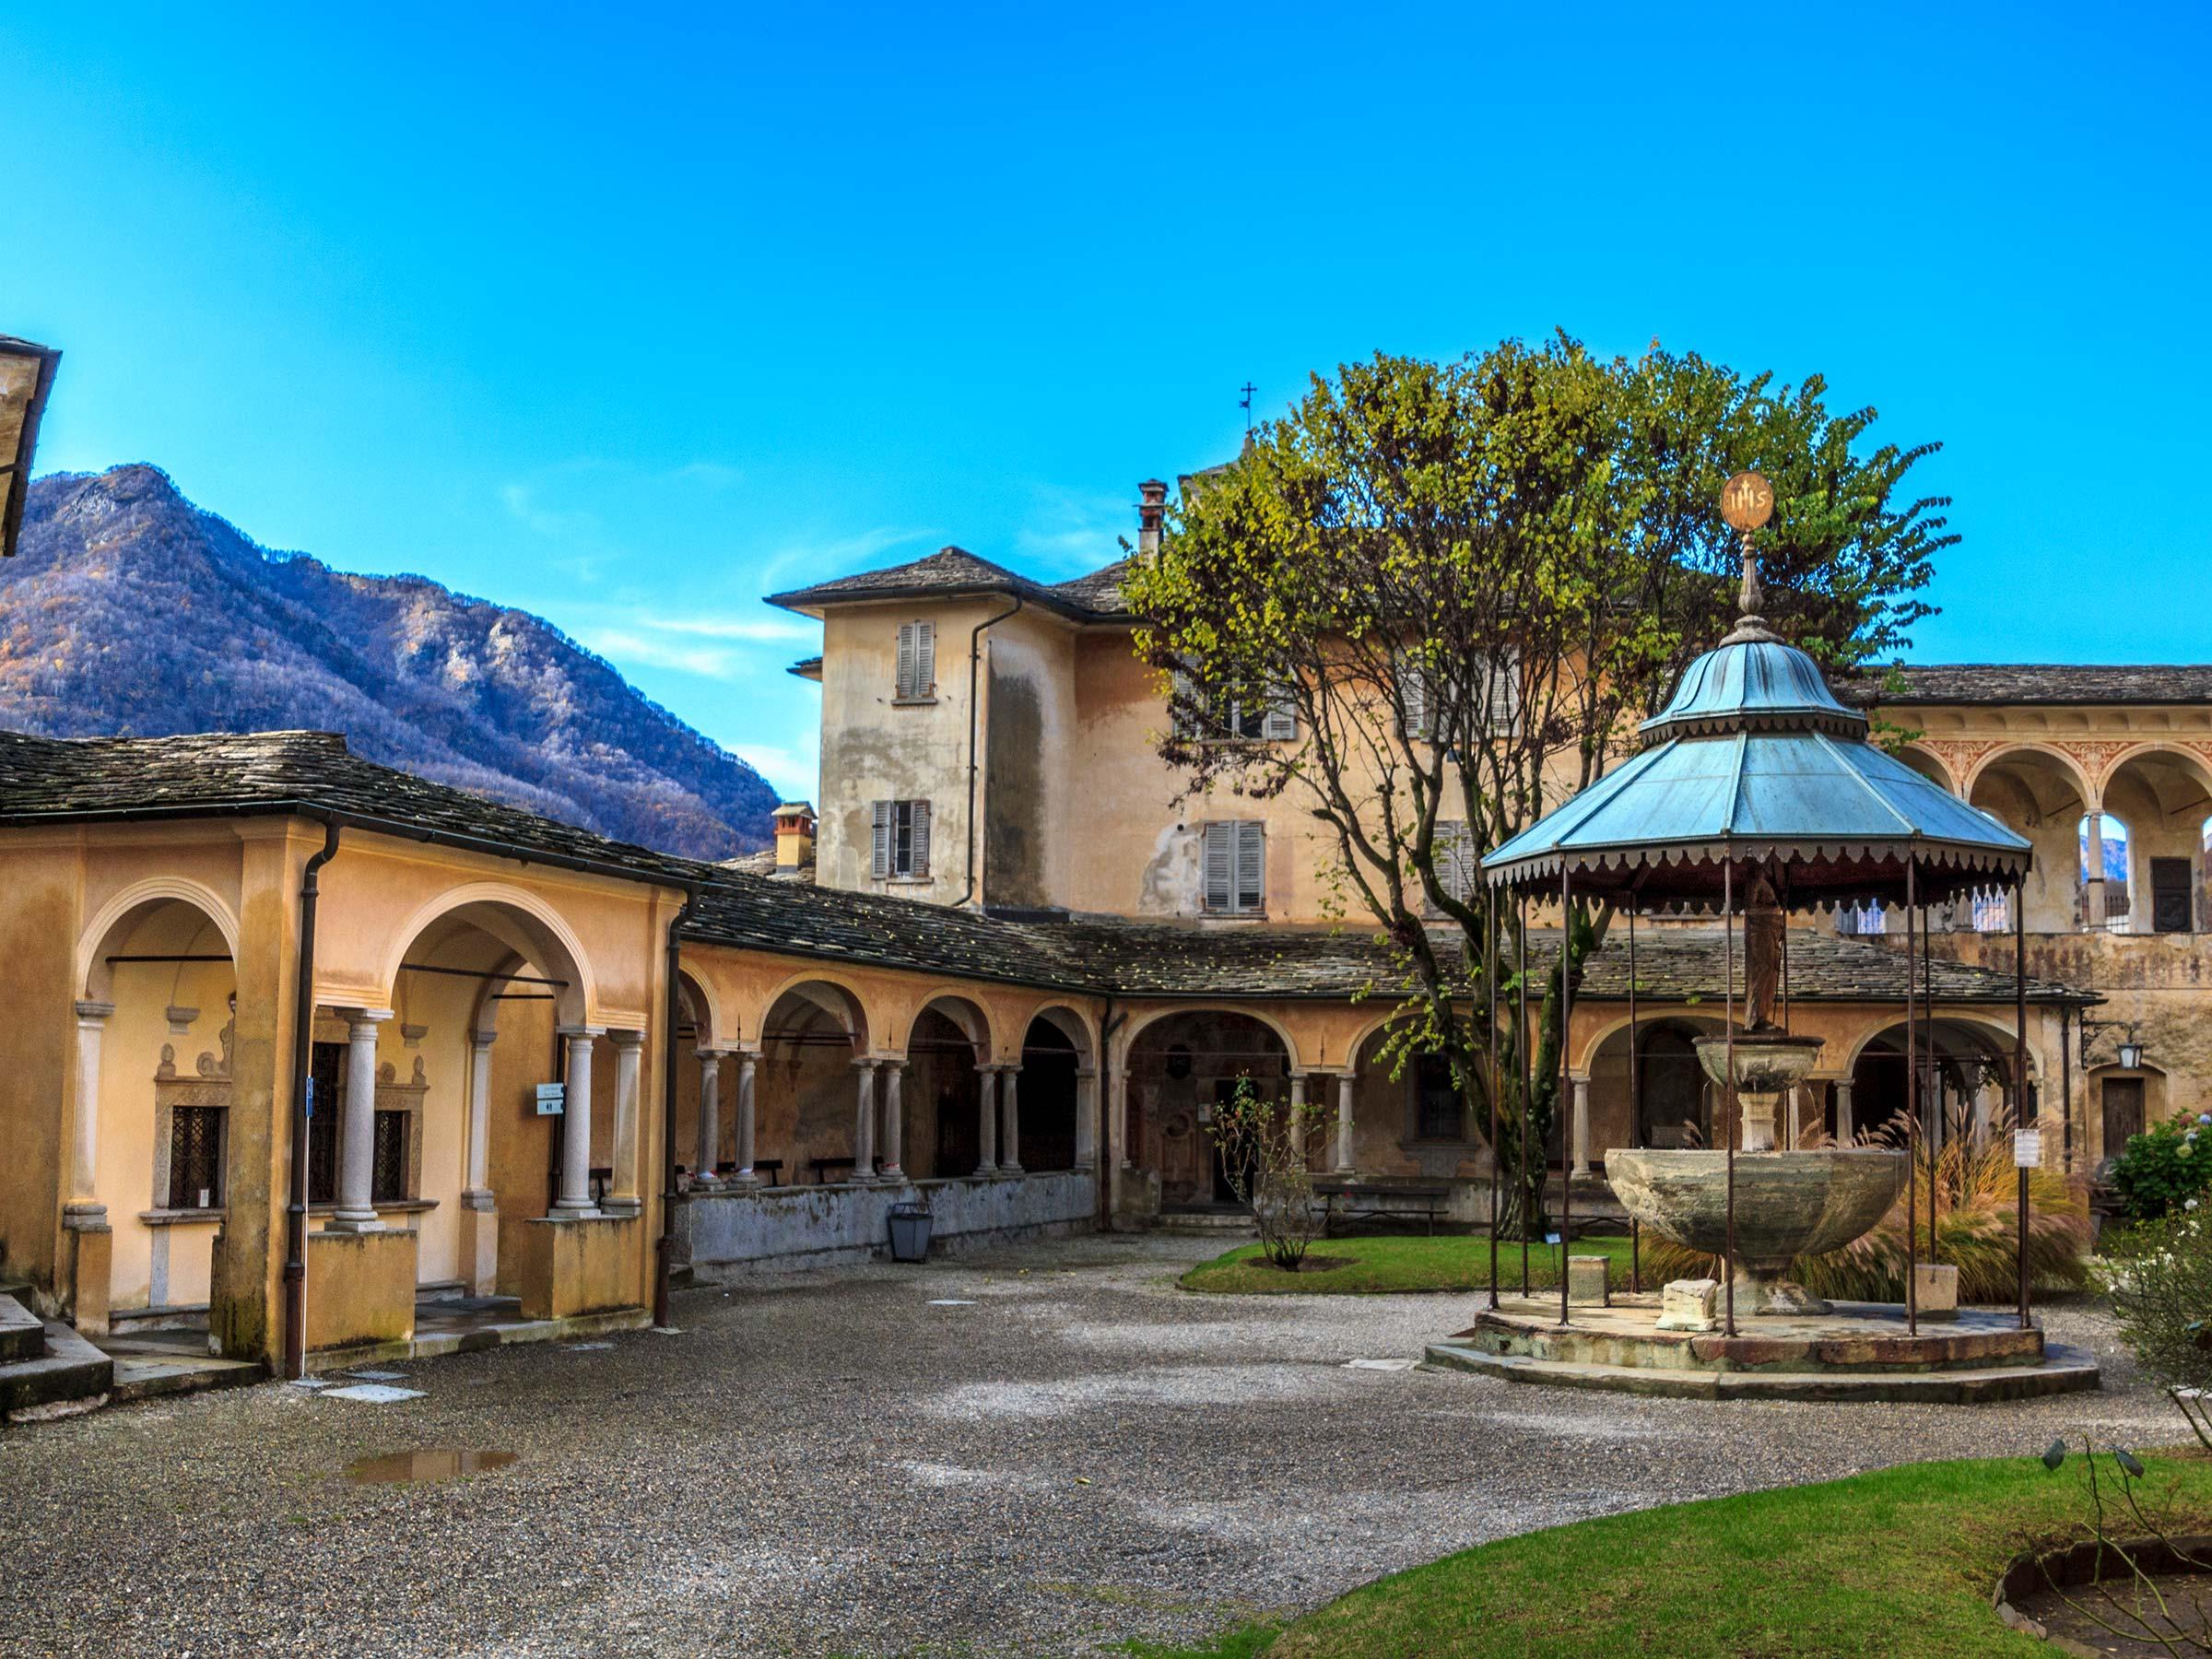 Sacro Monte di Varallo cappella resurrezione